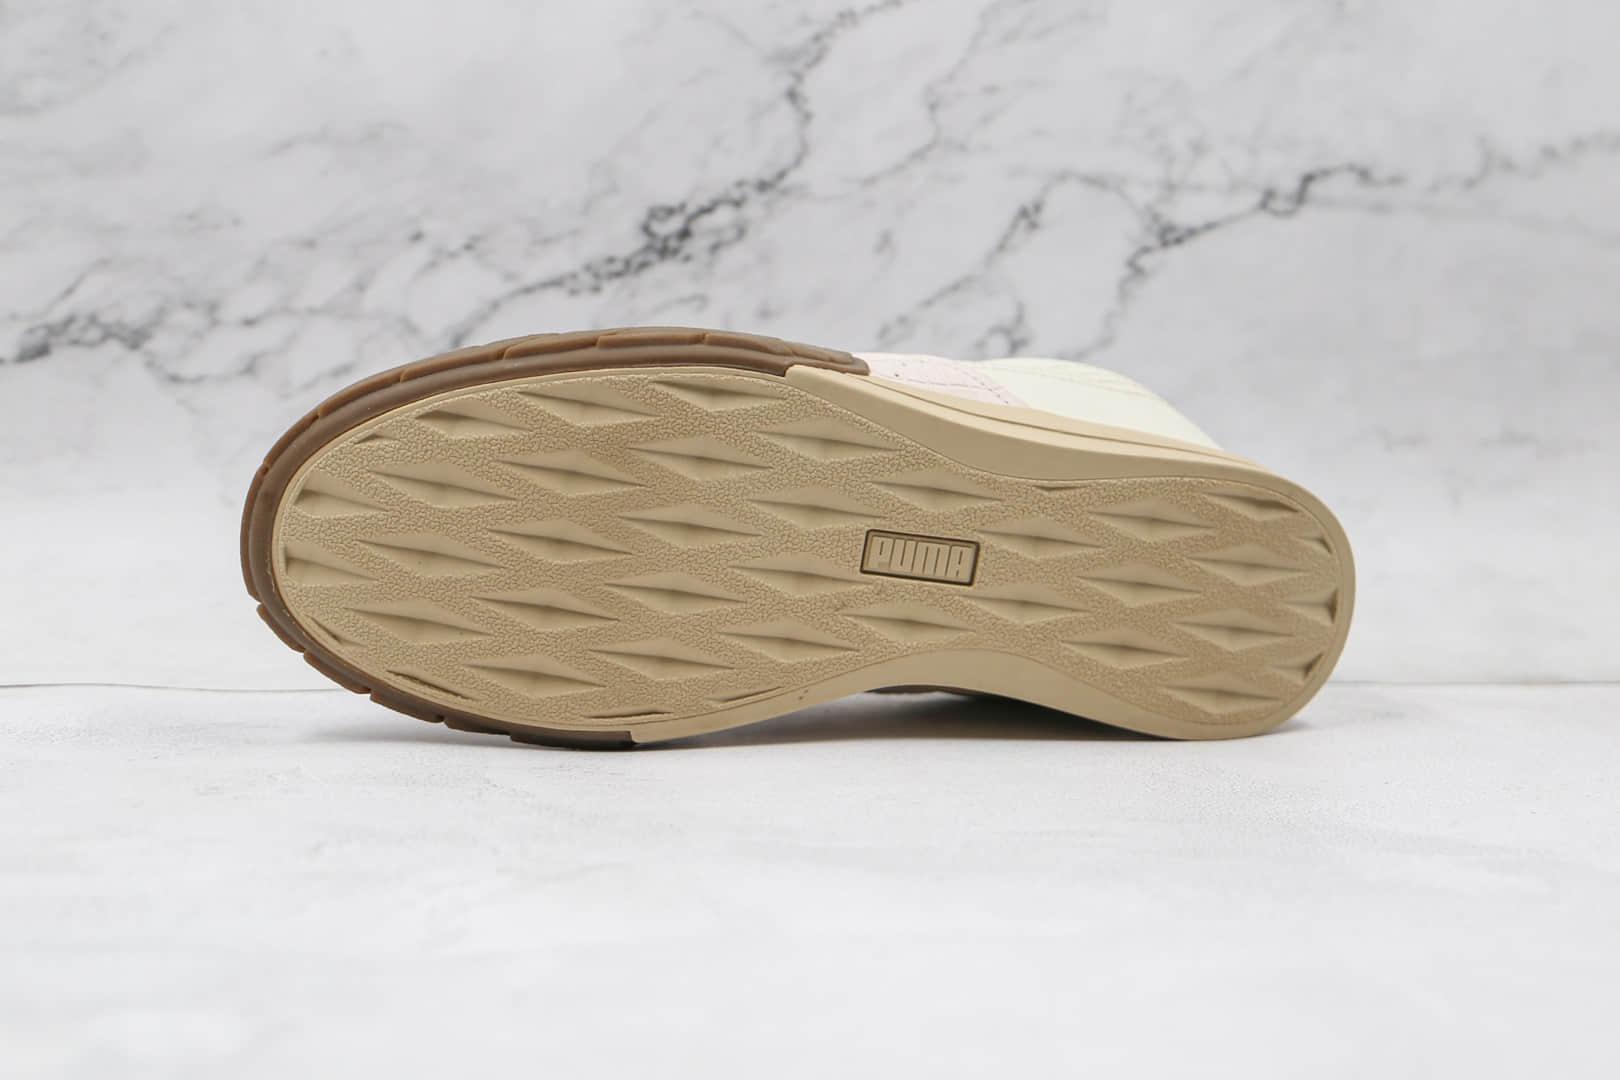 彪马Puma Eris Reptile纯原版本米白绿休闲板鞋原楦头纸板打造原盒原标